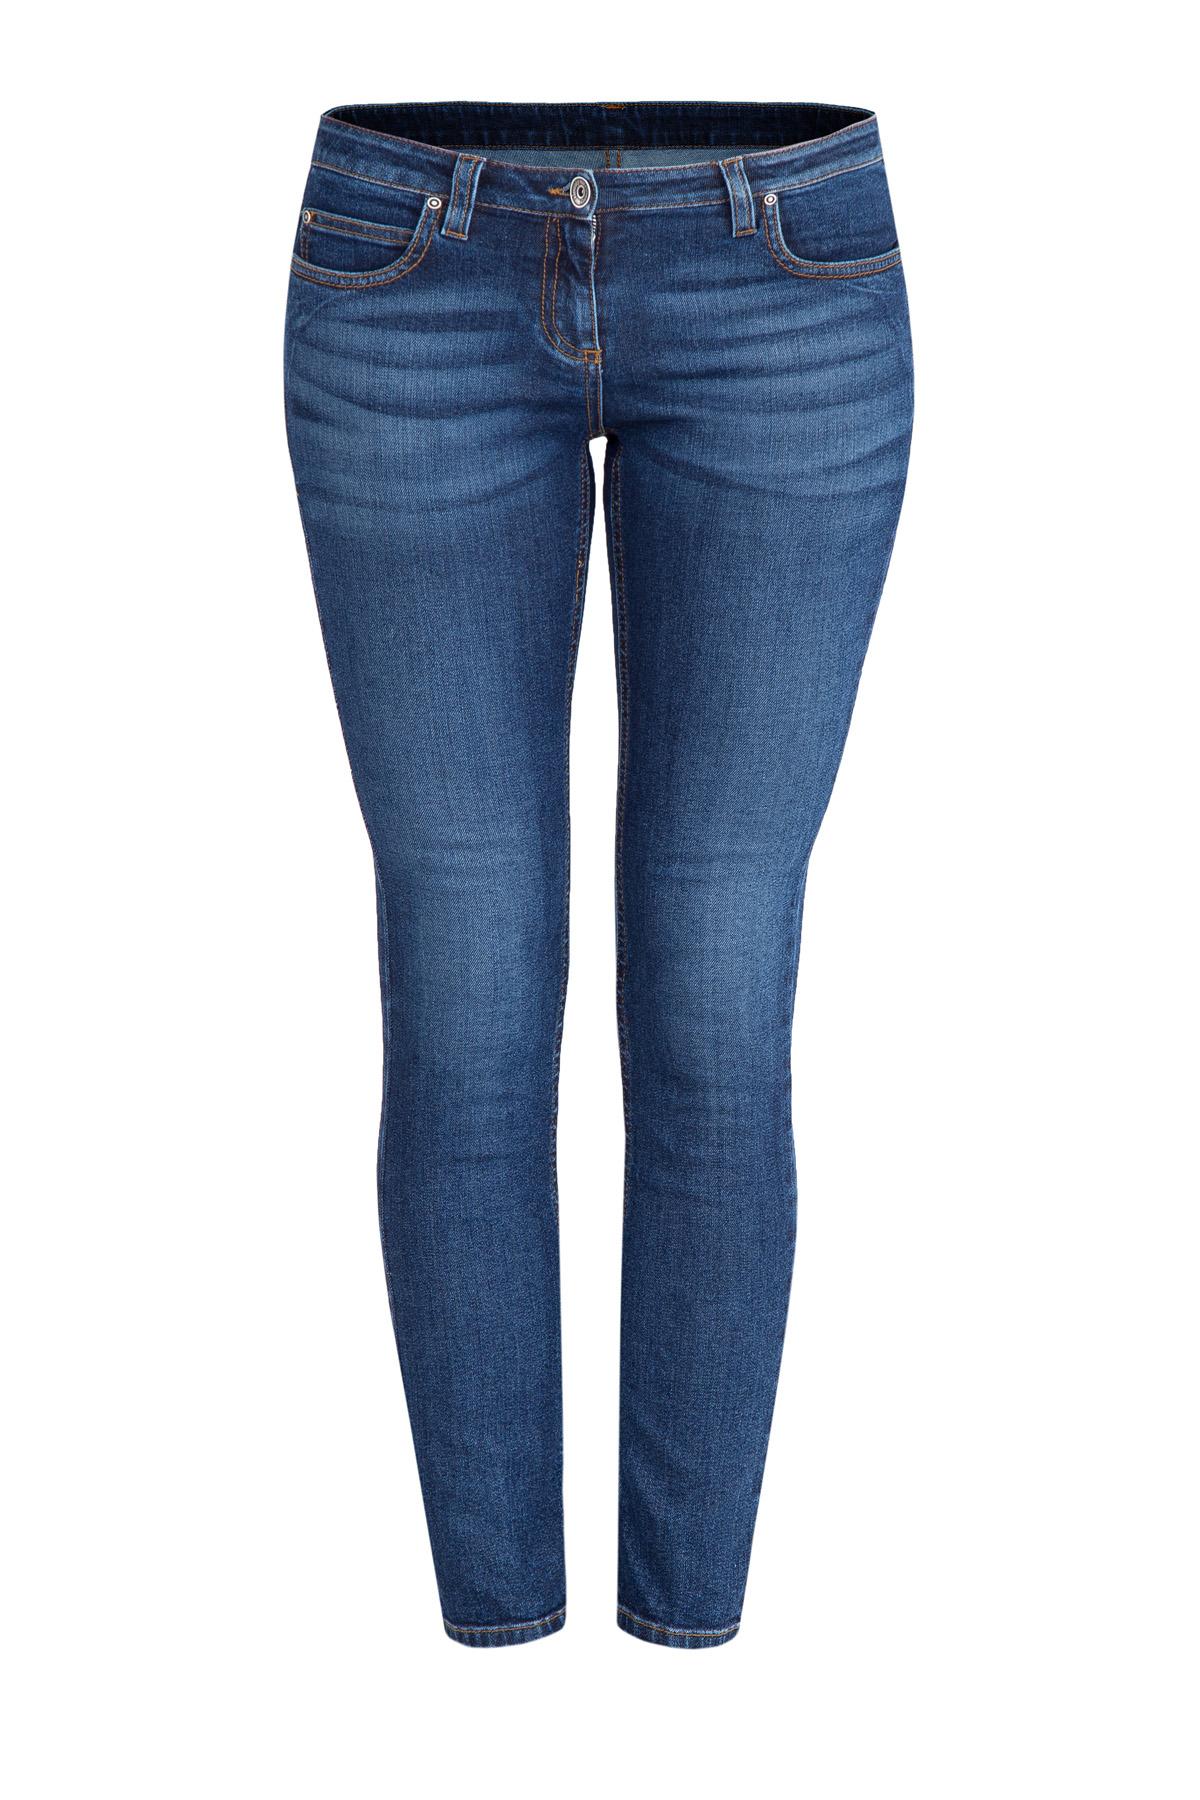 джинсыДжинсы<br><br>Материал: хлопок 97% ,  эластан 3%;